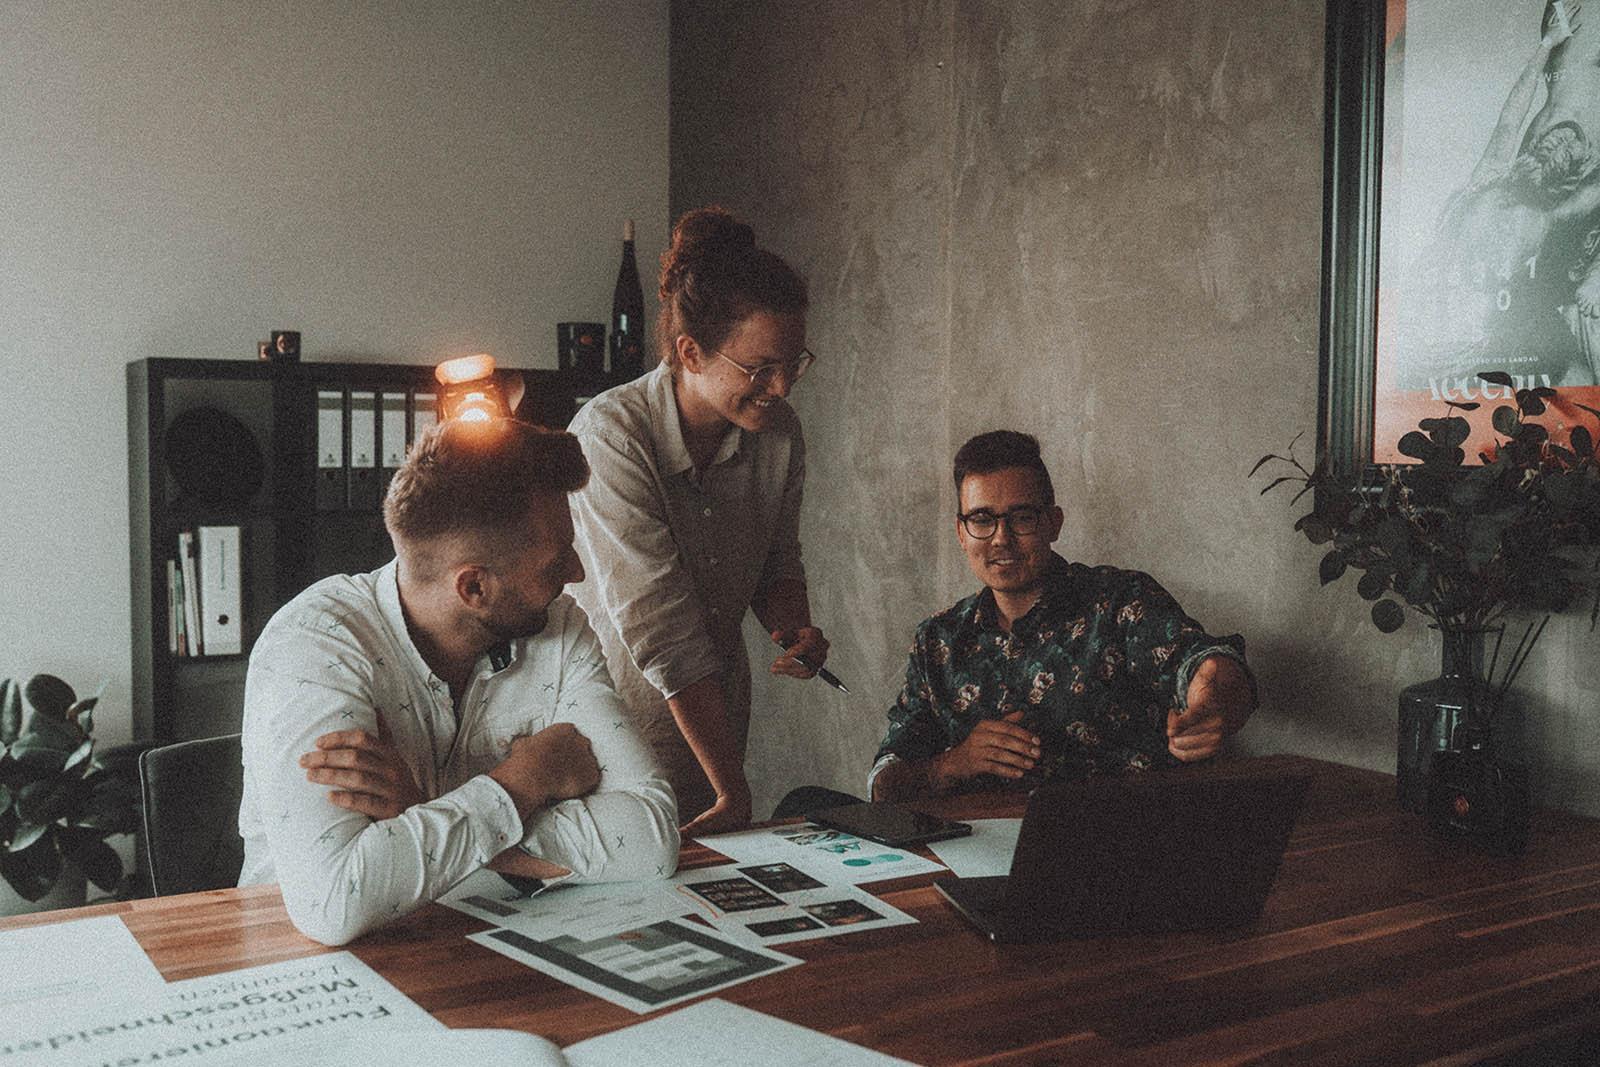 Durch fundierte Analysen und Marketingbausteine legen wir realistische Ziele fest und formulieren eine Strategie mit allen notwendigen Maßnahmen. Diese Strategie ist das Fundament einer langfristigen Betreuung und Zusammenarbeit für Ihren Unternehmenserfolg.